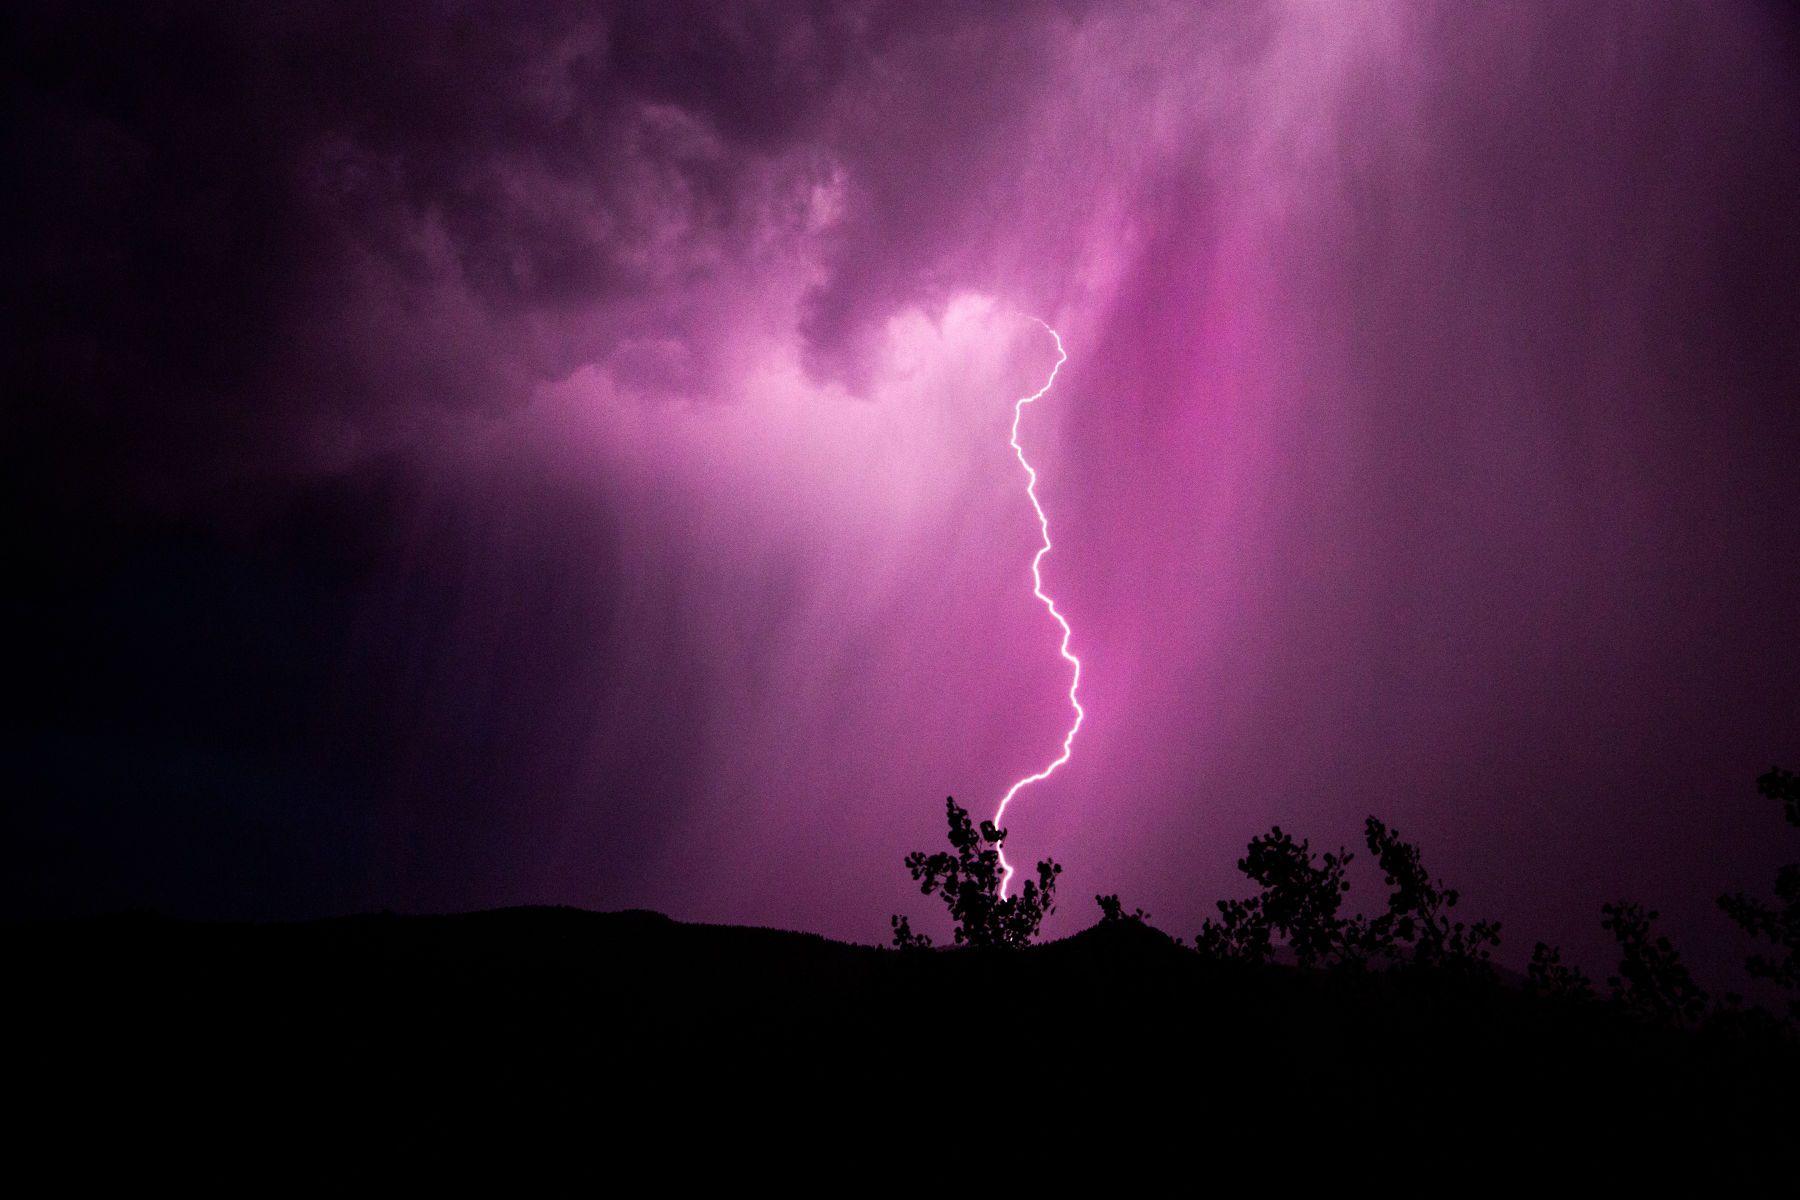 1_0_291_1lighting_up_the_sky_august_2017_100_2.jpg